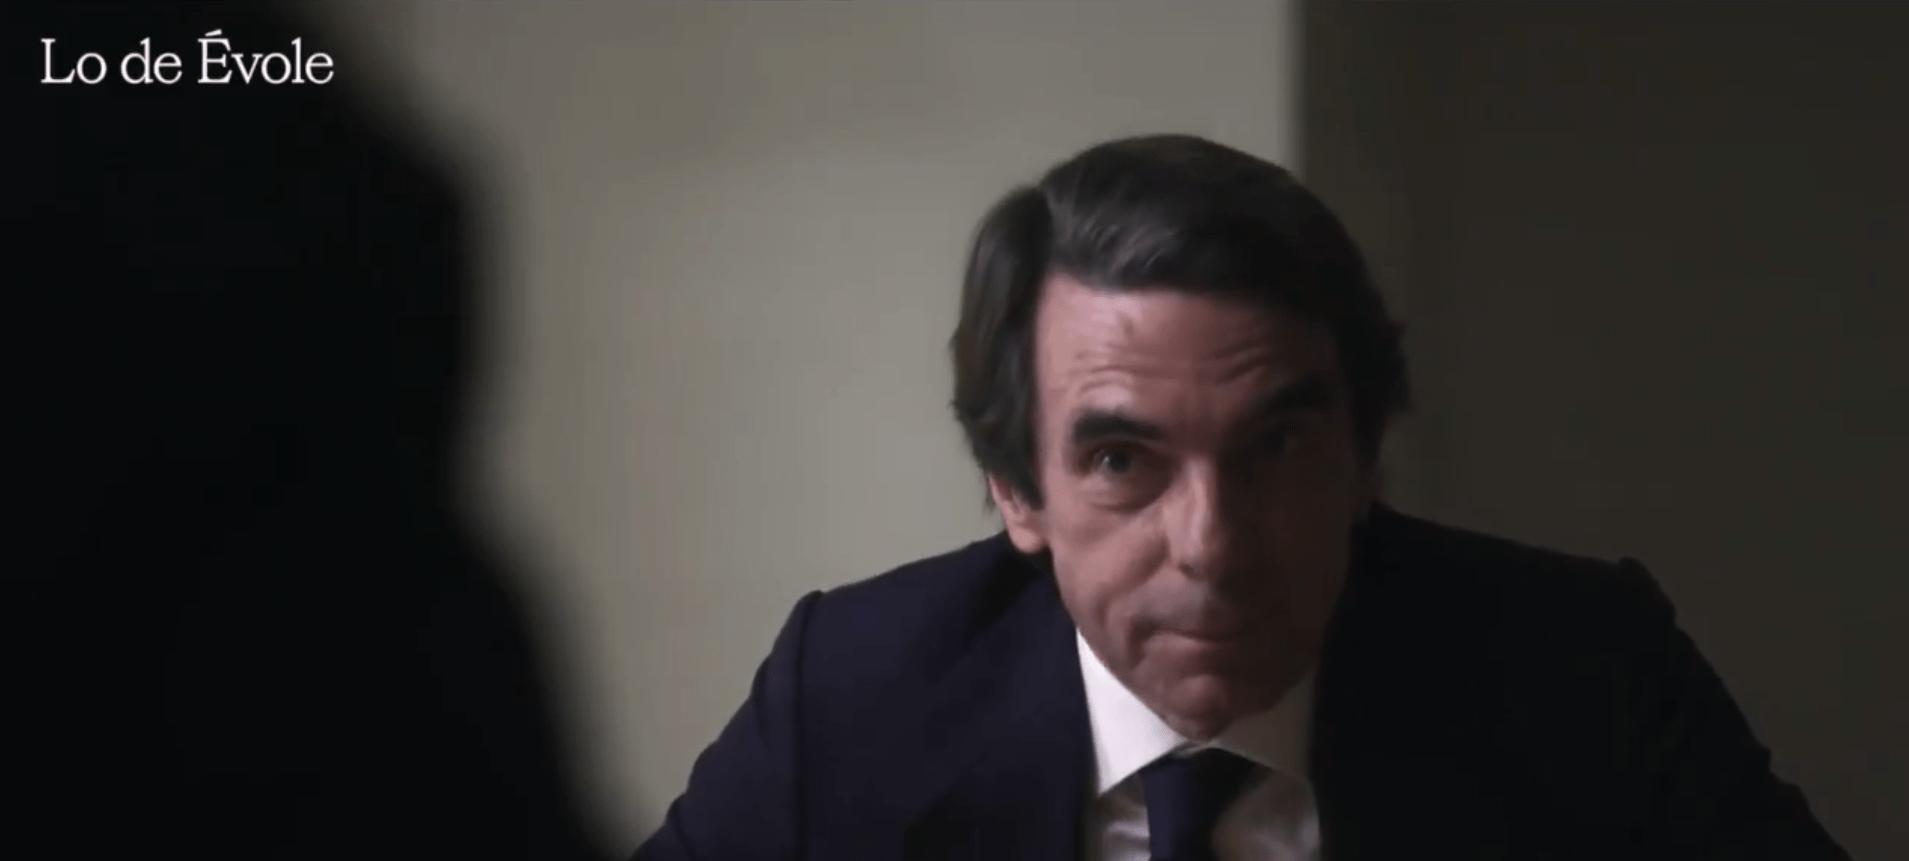 José María Aznar en su entrevista en Lo de Évole